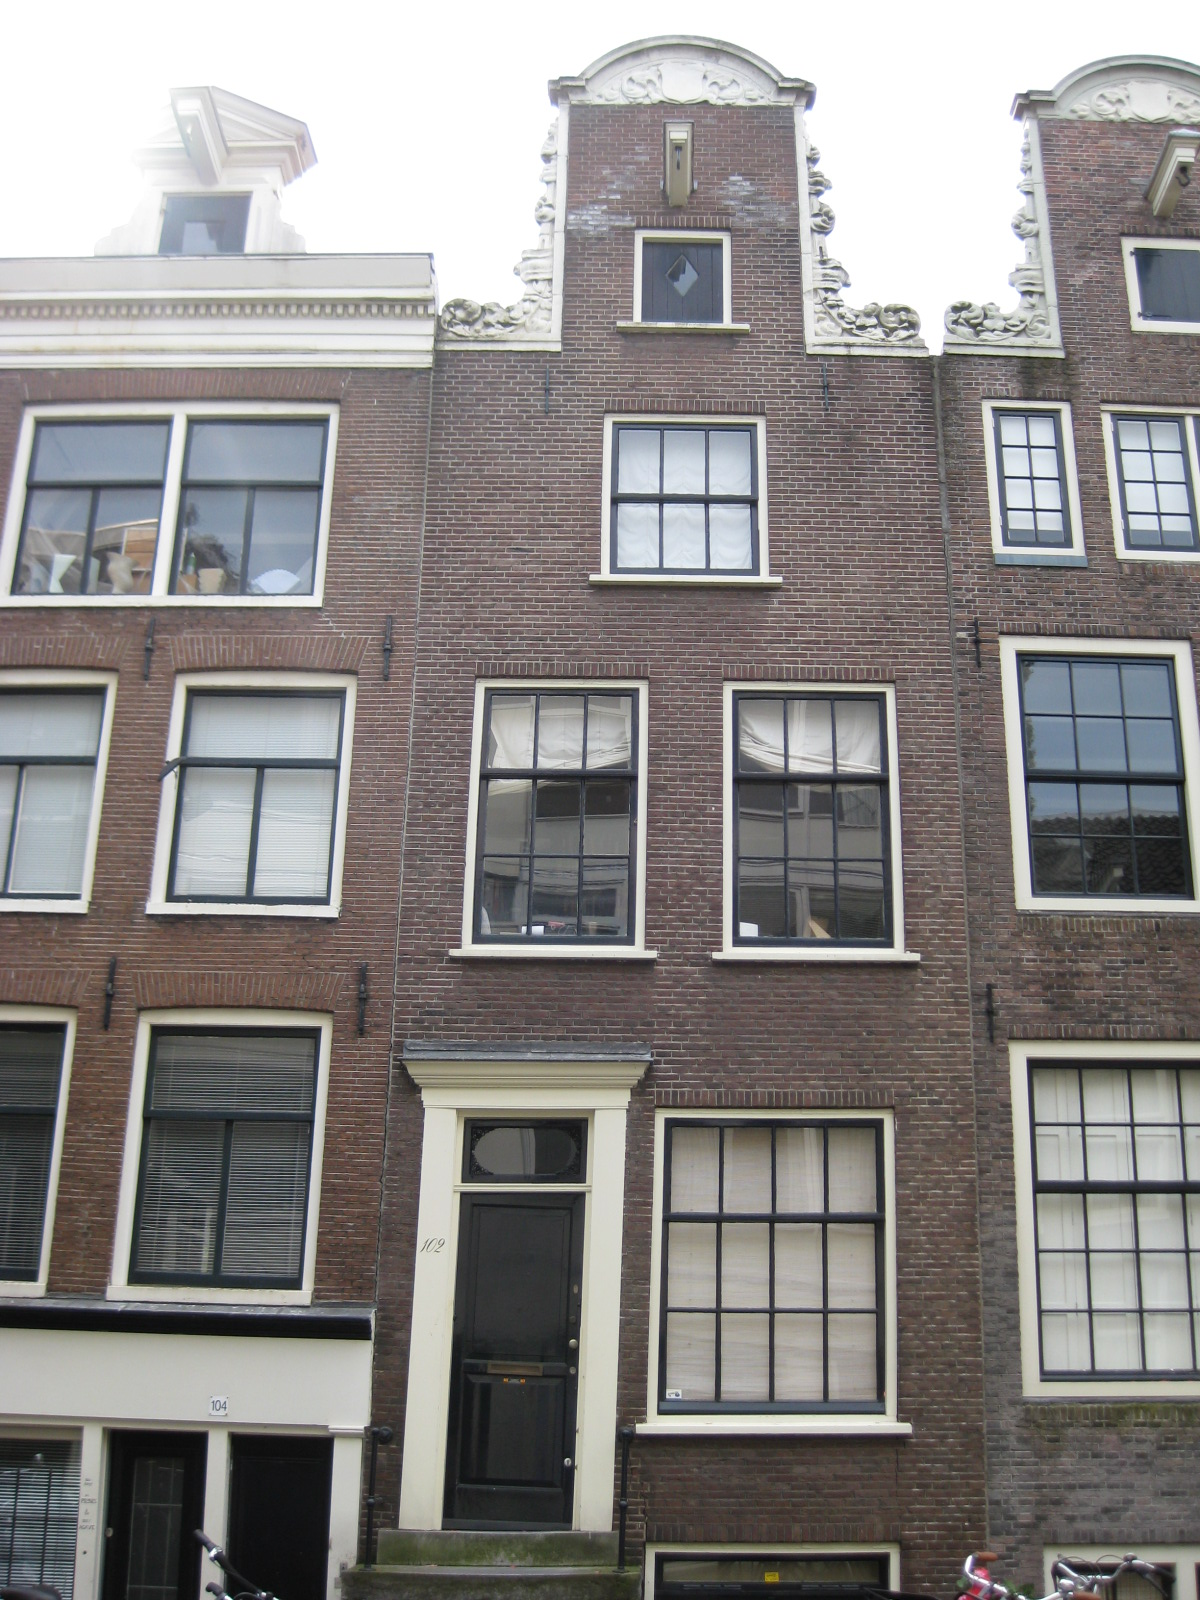 Huis met herbouwde gevel onder de oude hals in amsterdam monument - Oude huis gevel ...